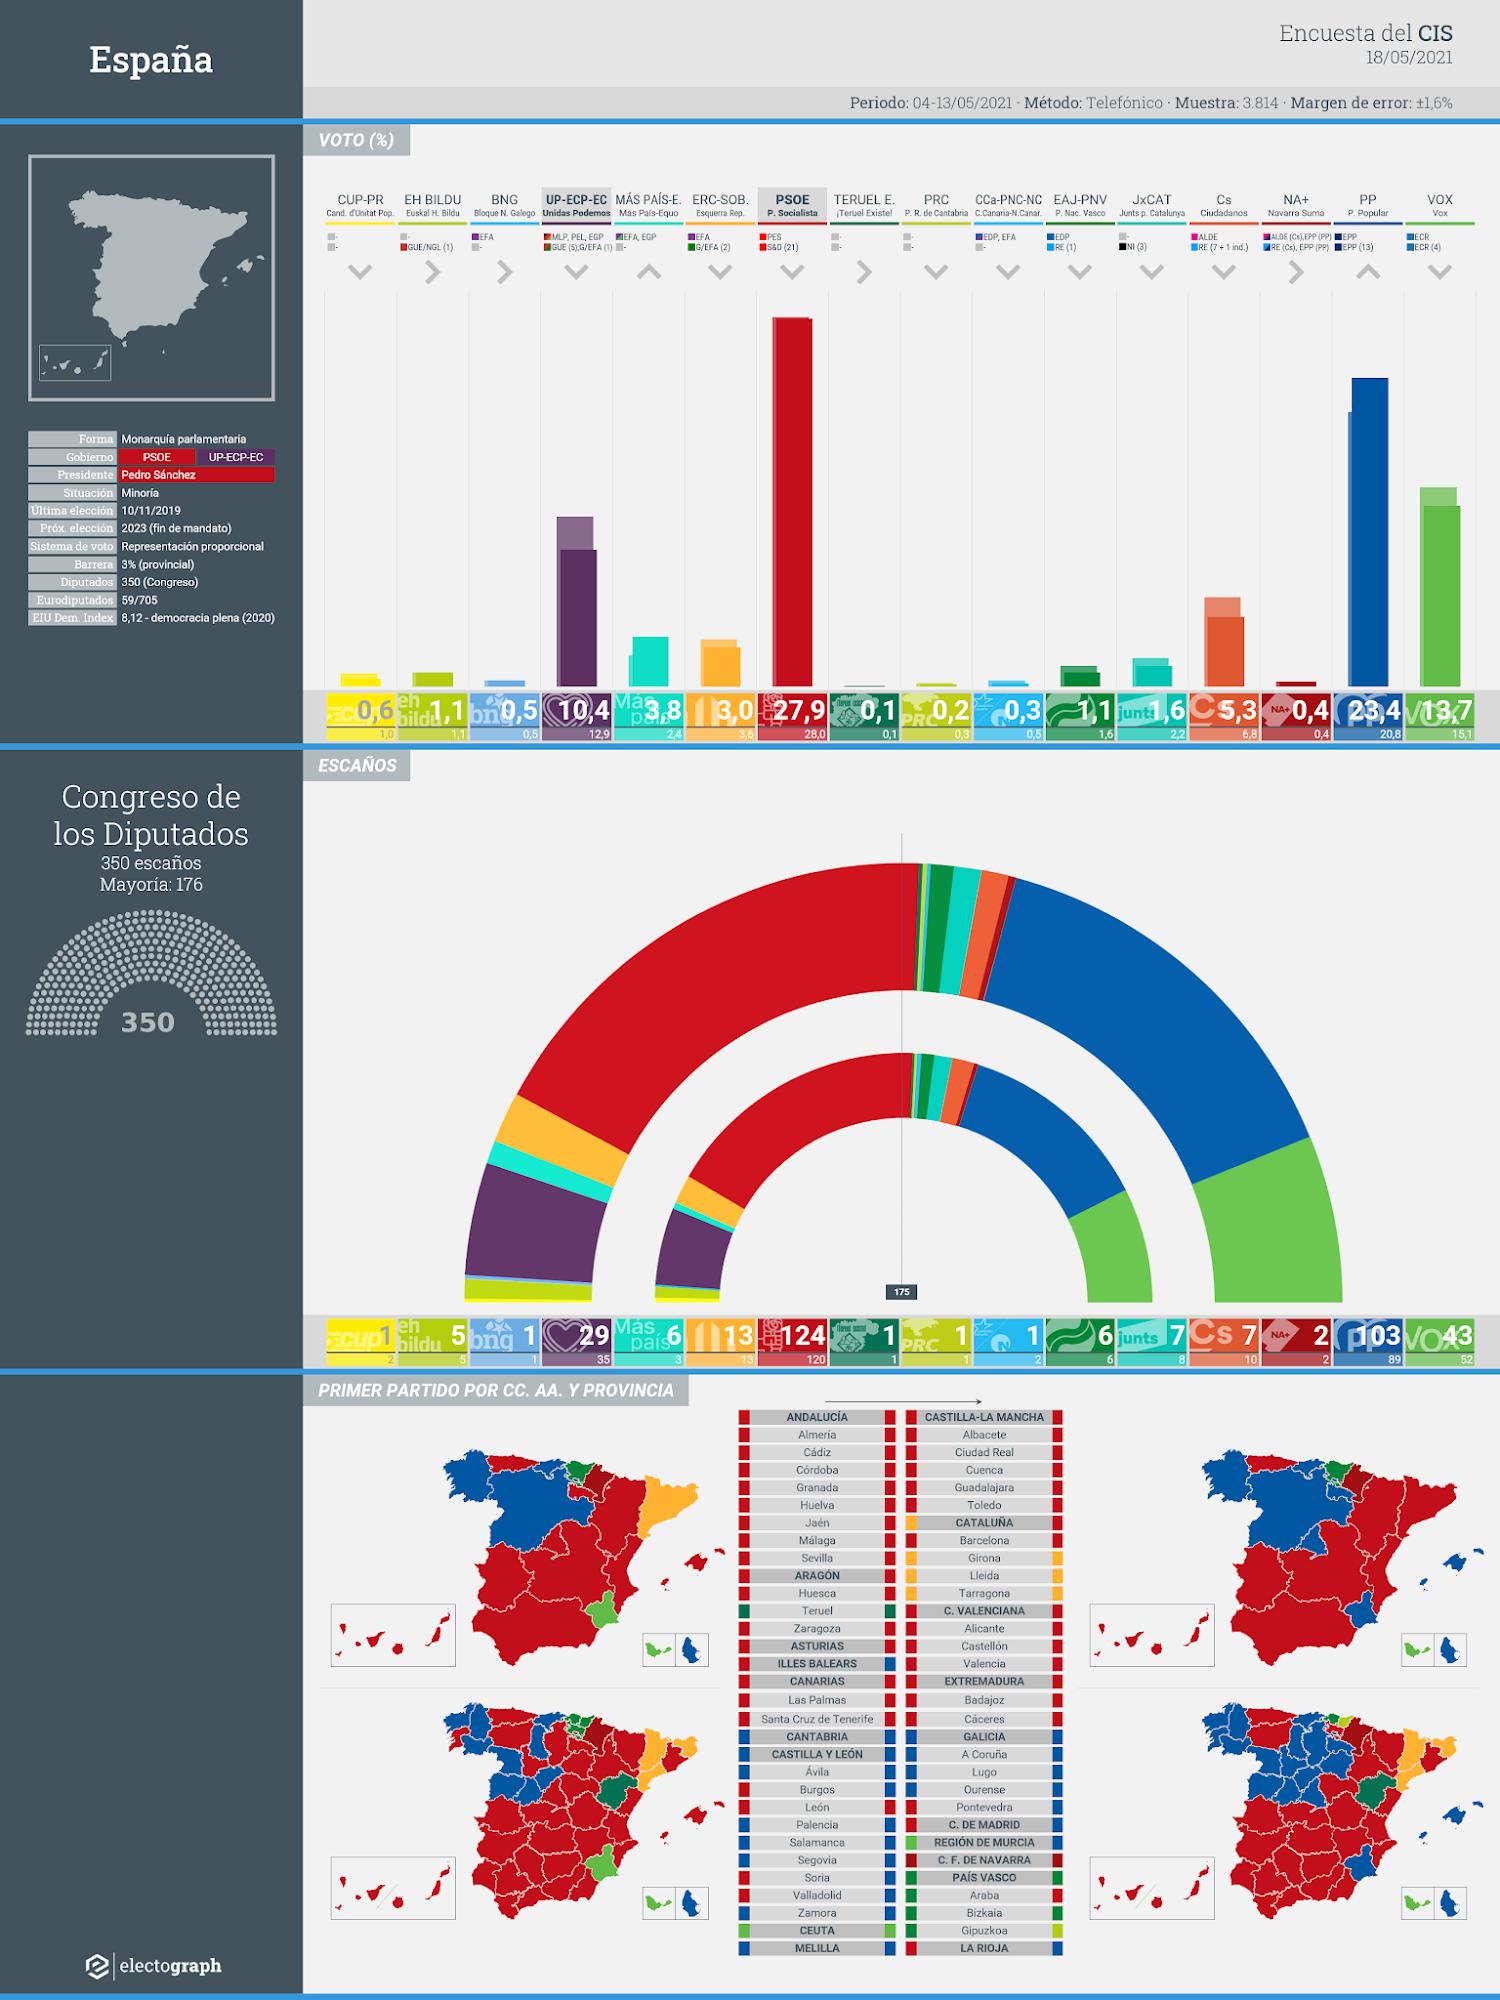 Gráfico de la encuesta para elecciones generales en España realizada por el CIS, 18 de mayo de 2021